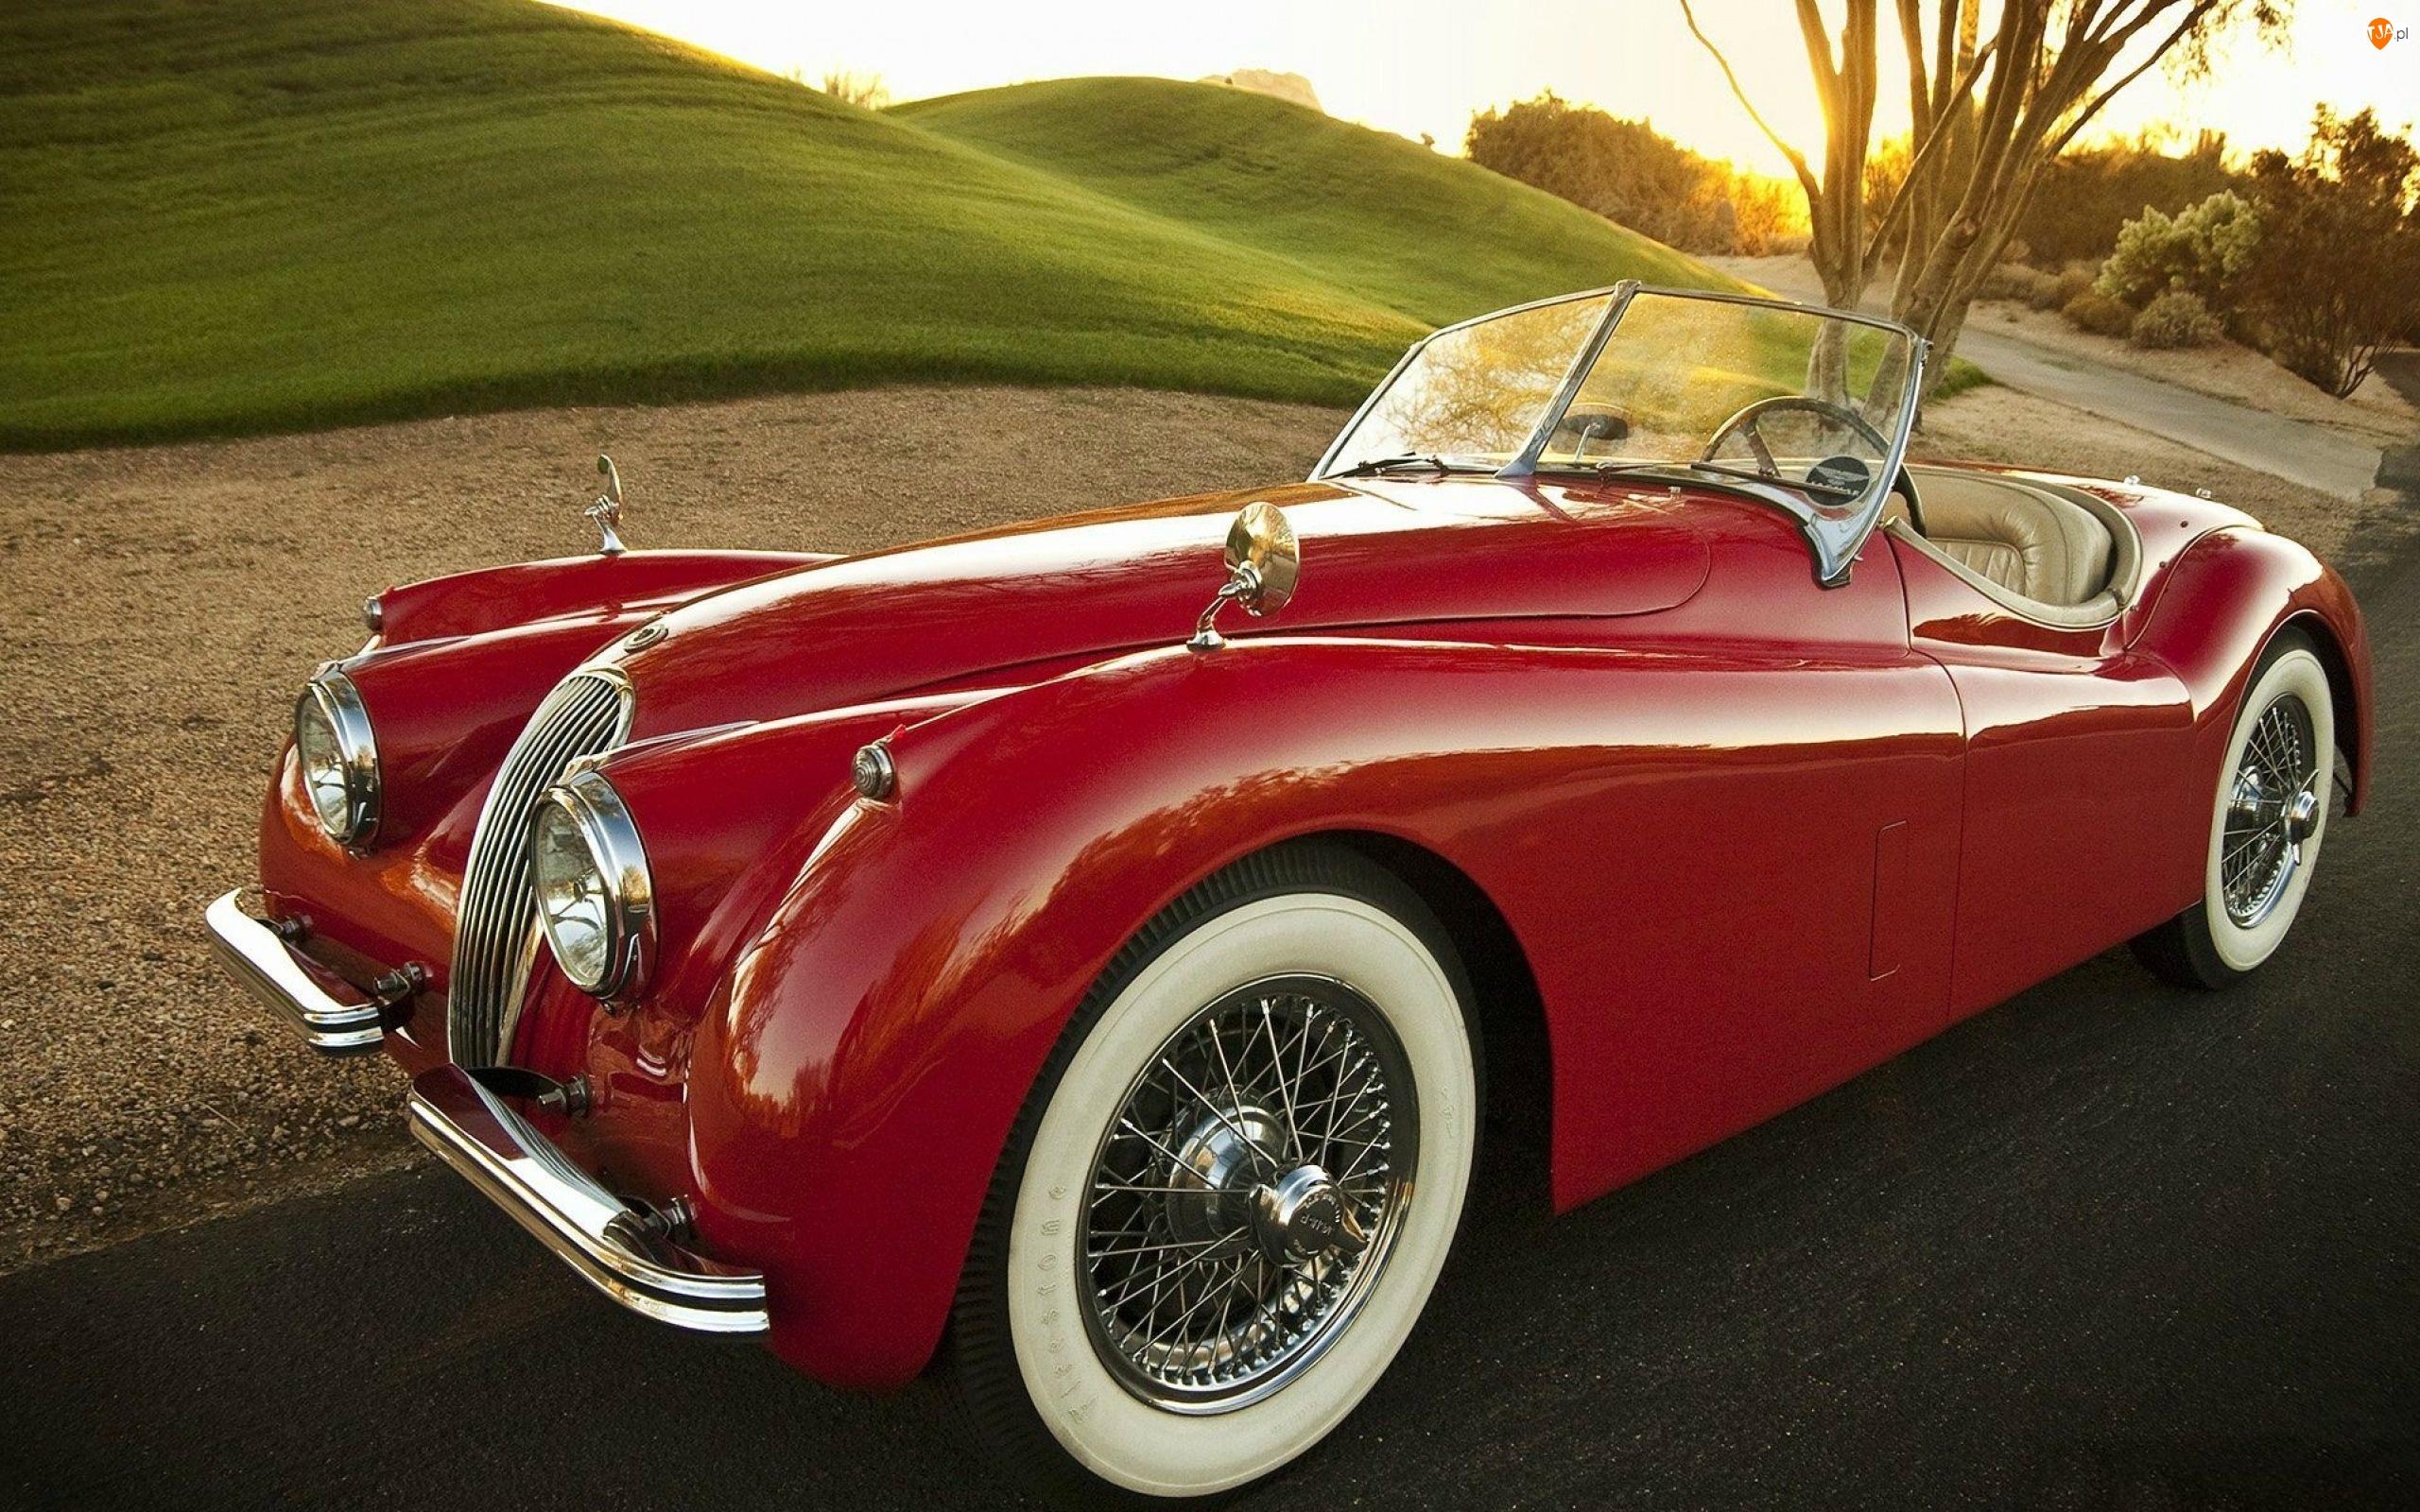 Roadster, 1954, XK, Jaguar, 120